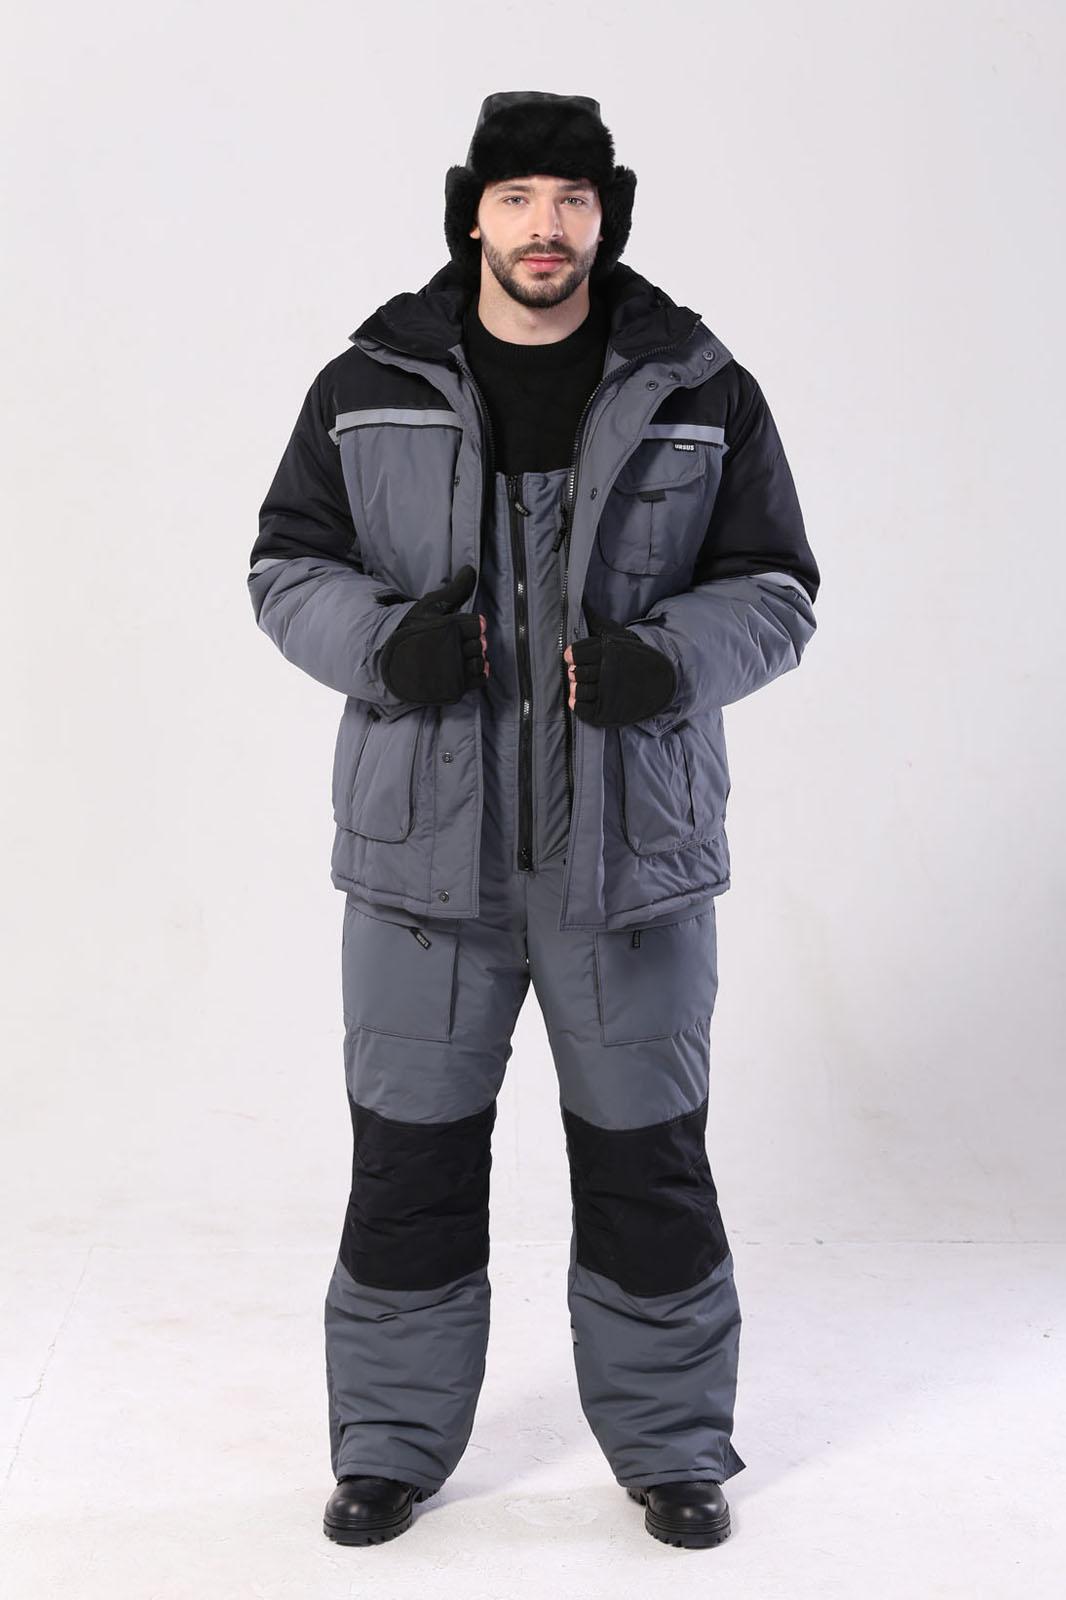 Костюм мужской Полюс (Термофайбер) зимний Костюмы утепленные<br>4 класс защиты. Куртка и полукомбинезон. <br>-отстёгивающая подстёжка куртки -нижние <br>накладные карманы куртки на молнии -трикотажные <br>напульсники на куртке -световозвращающие <br>полосы на стропе -планка куртки на потайных <br>кнопках -внутренняя планка, закрывающая <br>верхний край молнии -внутренний карман <br>для документов -регулировка объёма низа <br>куртки и капюшона -ветрозащитный пояс на <br>резинке -притачной капюшон на флисовой <br>подкладке -капюшон можно одевать на каску <br>-центральная двухзамковая молния на полукомбинезоне <br>-шлёвки под ремень -трикотажные вставки <br>в боковых швах полукомбинезона -объёмные <br>утеплённые карманы -усилительные накладки <br>полукомбинезона в области колена -регулировка <br>низа брюк по ширине<br><br>Пол: мужской<br>Размер: 56-58<br>Рост: 170-176<br>Сезон: зима<br>Цвет: серый<br>Материал: «Таслан» (100% полиэстер) пл. 135 г/м2, ВО